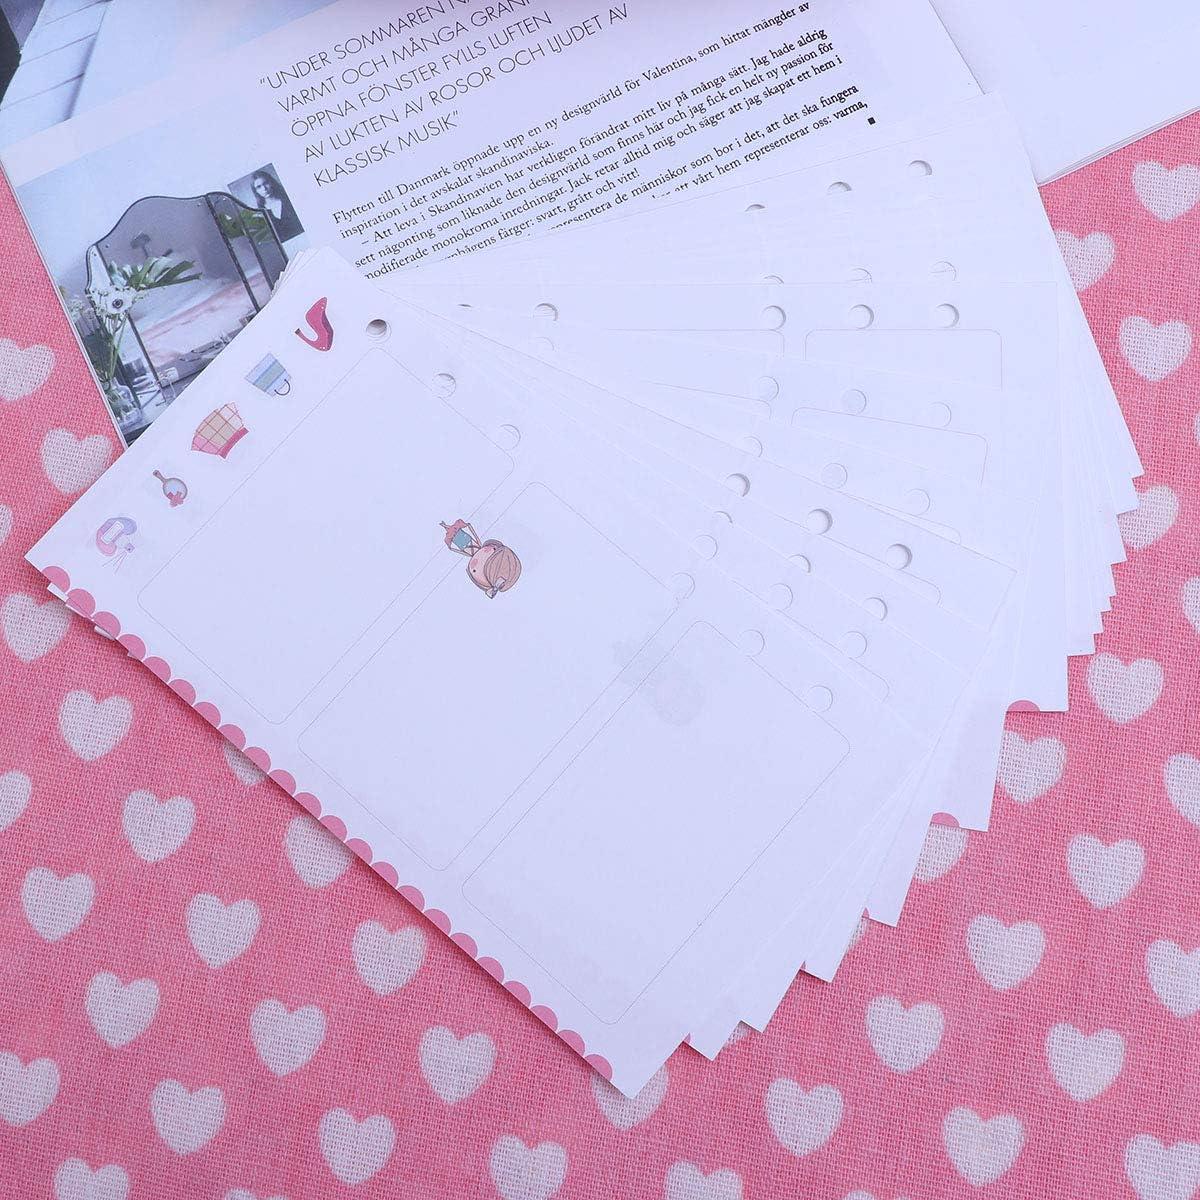 Nachf/üllpapier NUOBESTY A6 6-Loch M/öbelpapier buntes F/üllpapier Nachf/üllpapier f/ür Ordner NotebookDairy Traveler Tageb/ücher 6 Seiten 24 Seiten